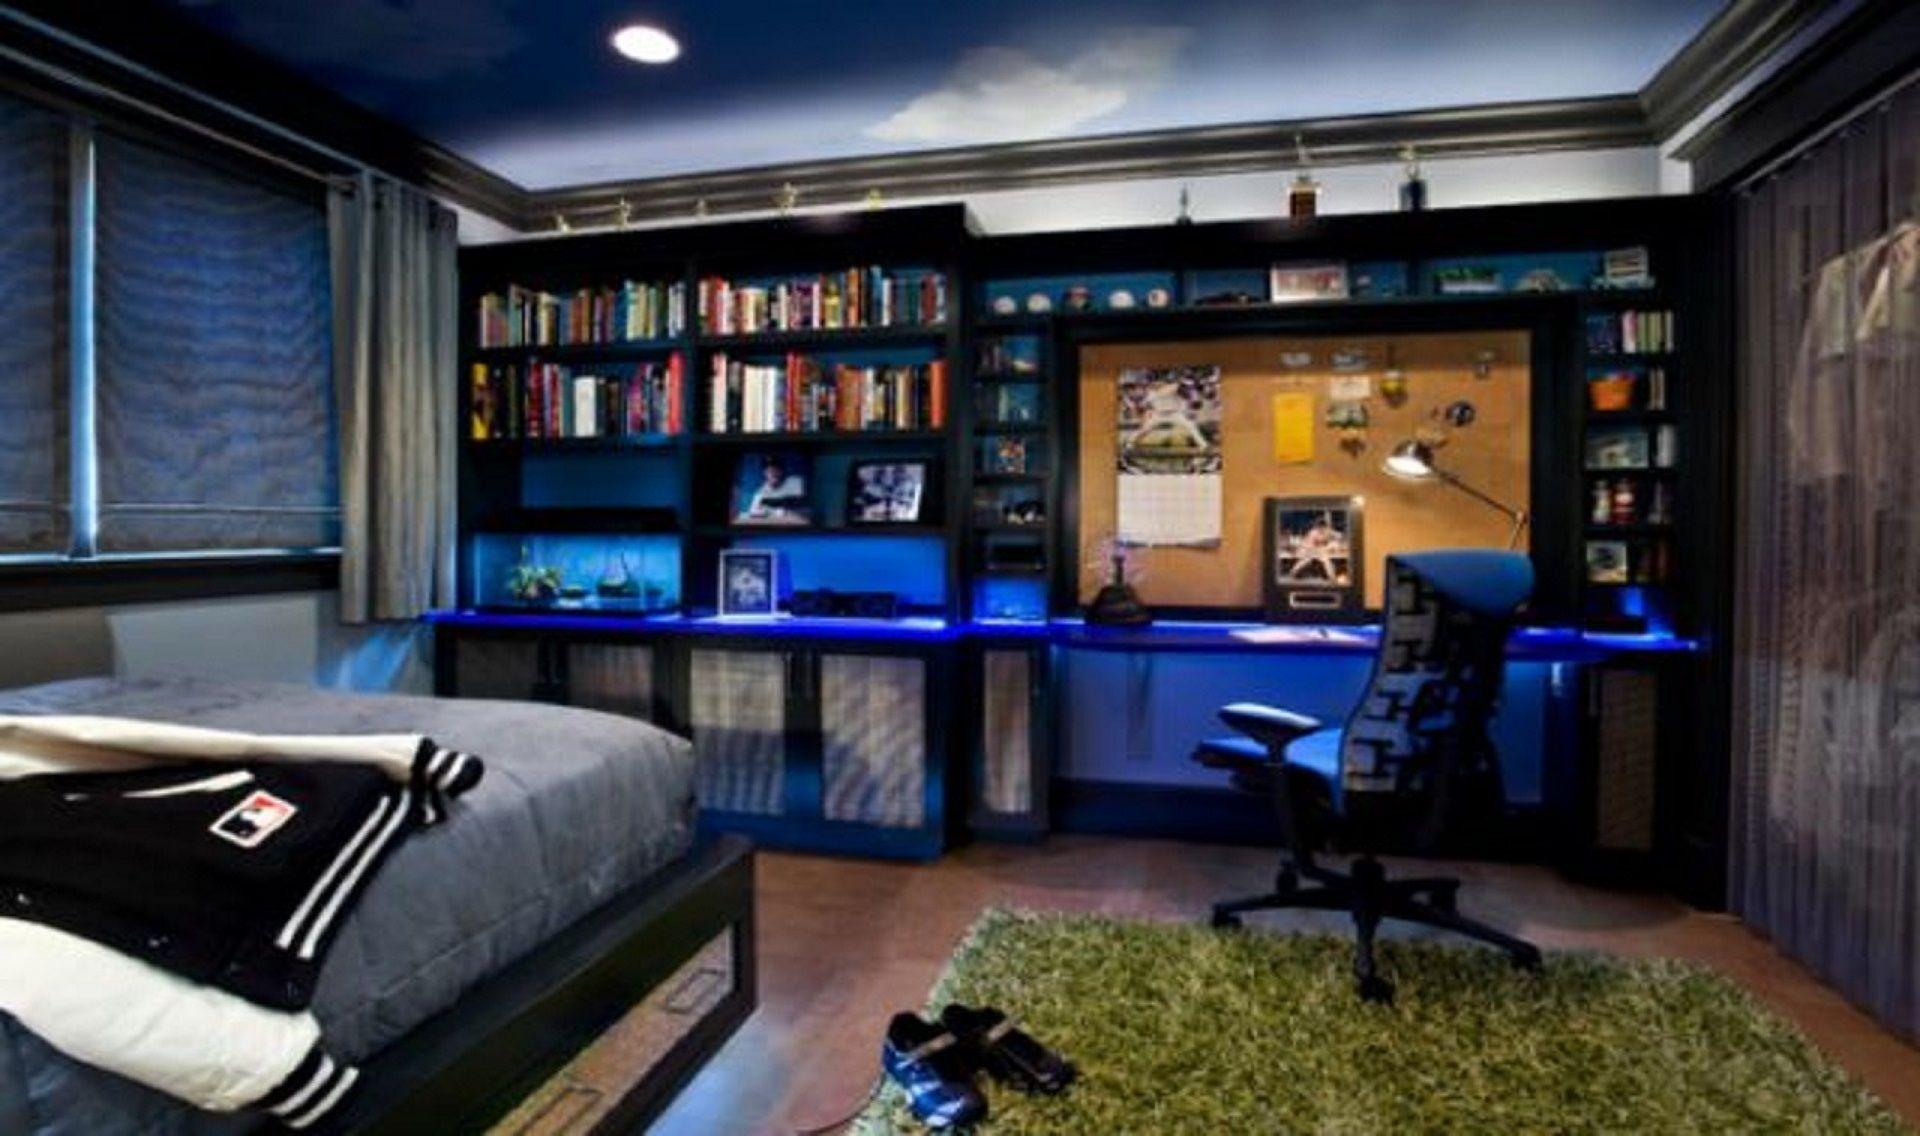 Int teen boys room 2 large episodeinteractive episode size 1920 x 1136 - Teenager nice bedroom ...